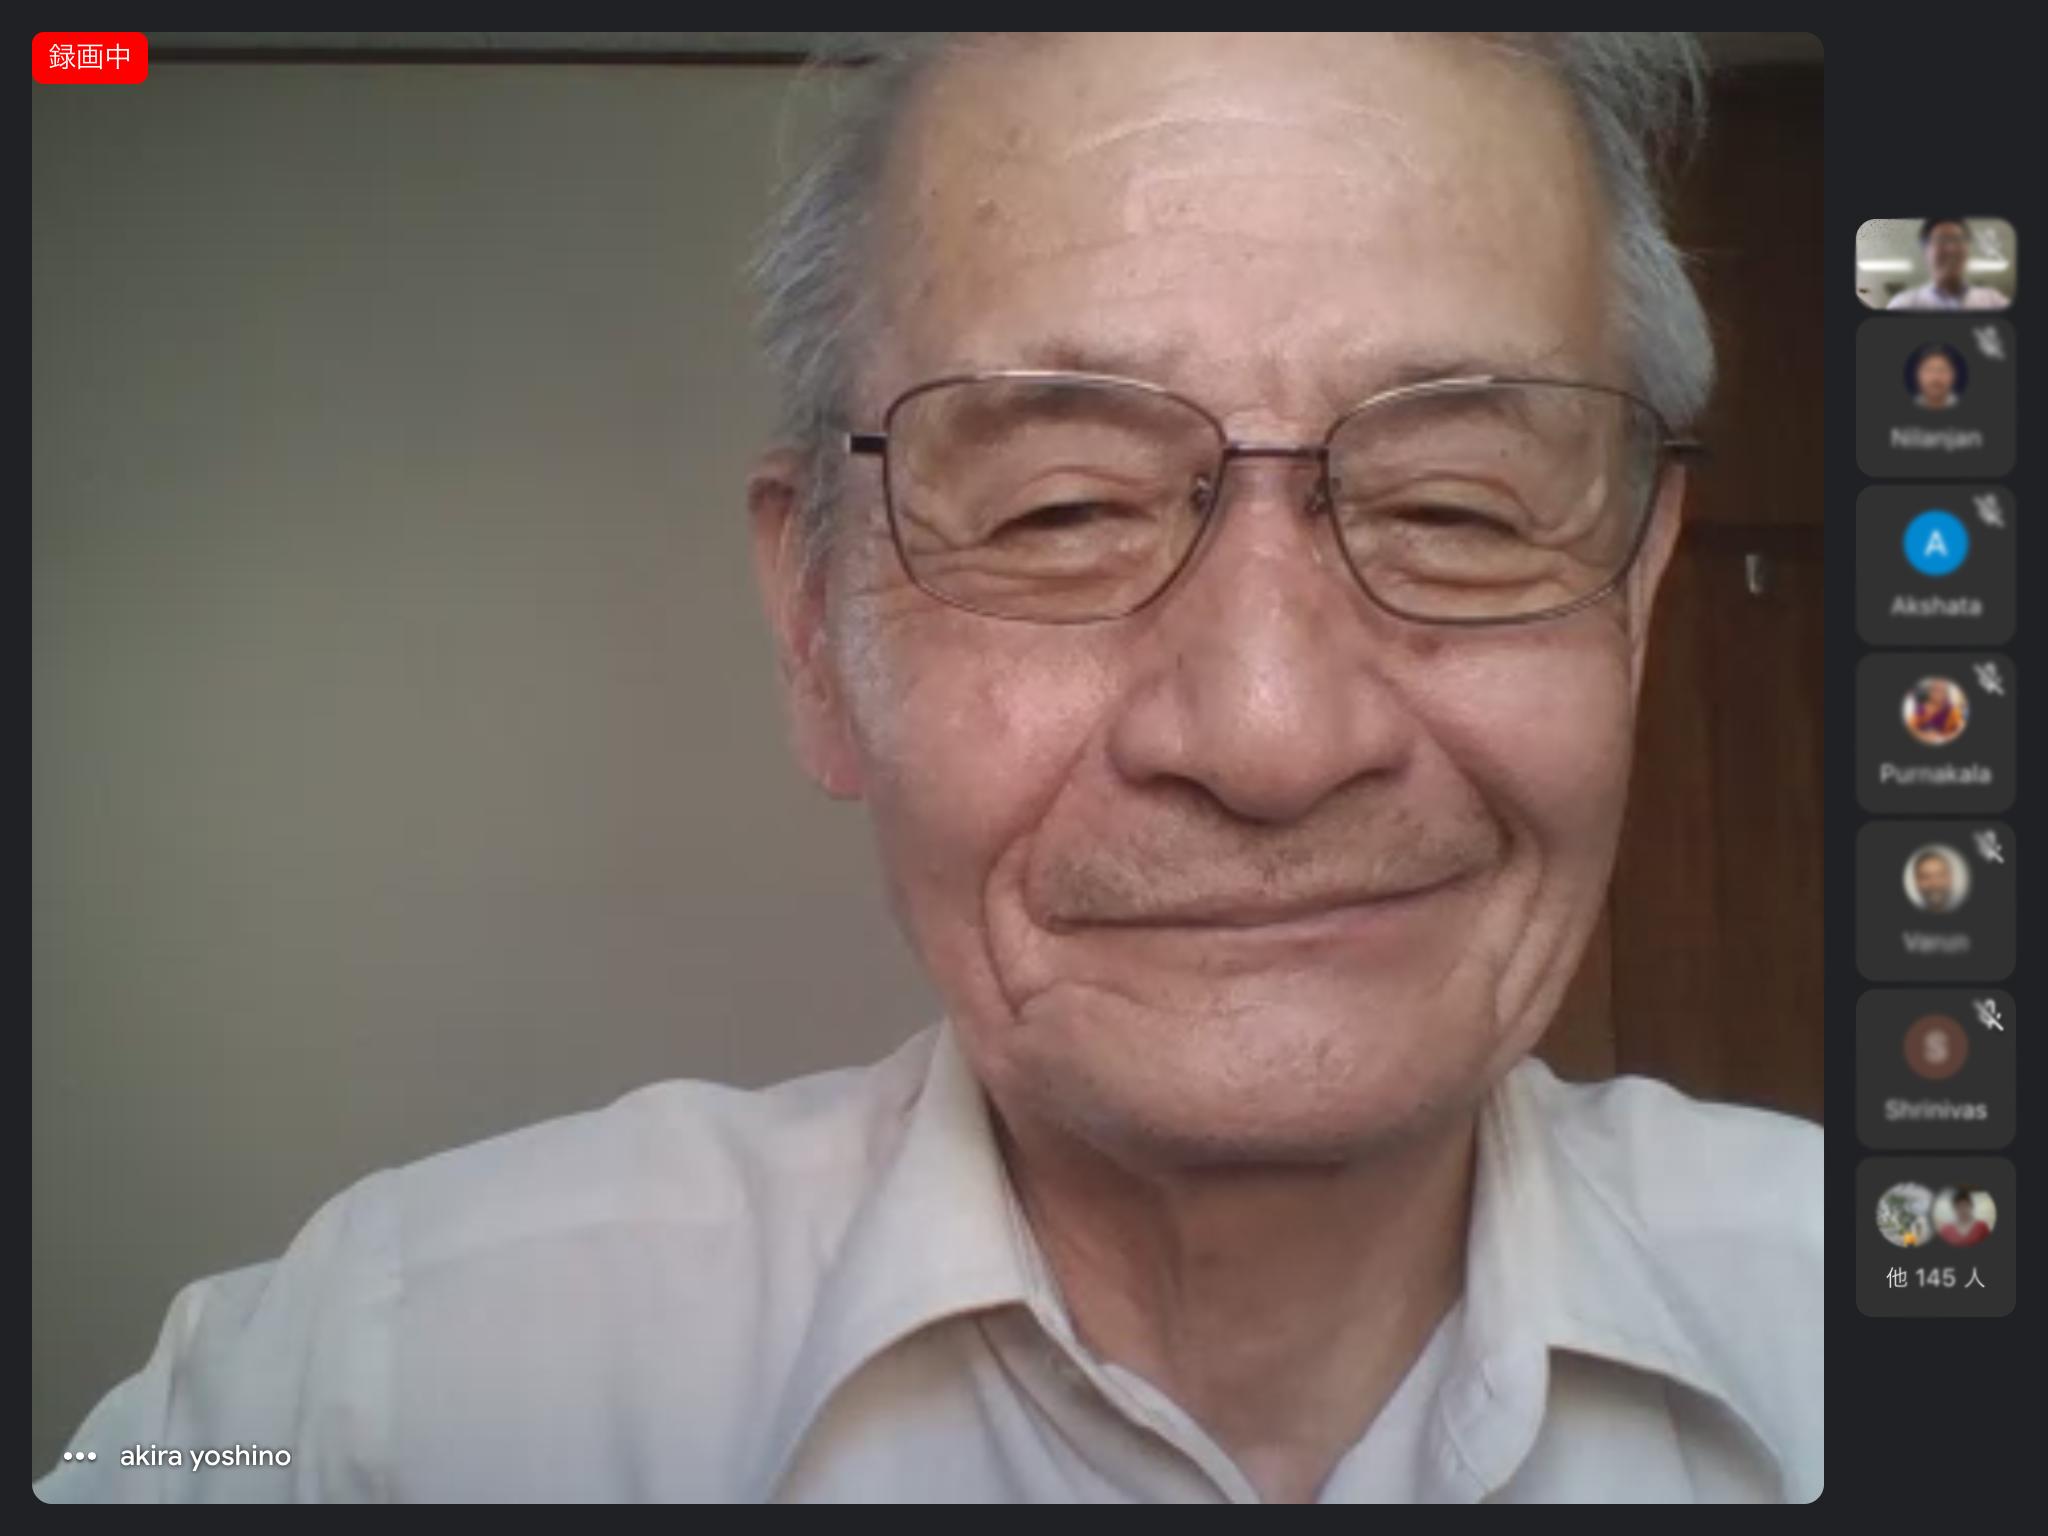 オンラインで基調講演する吉野彰教授